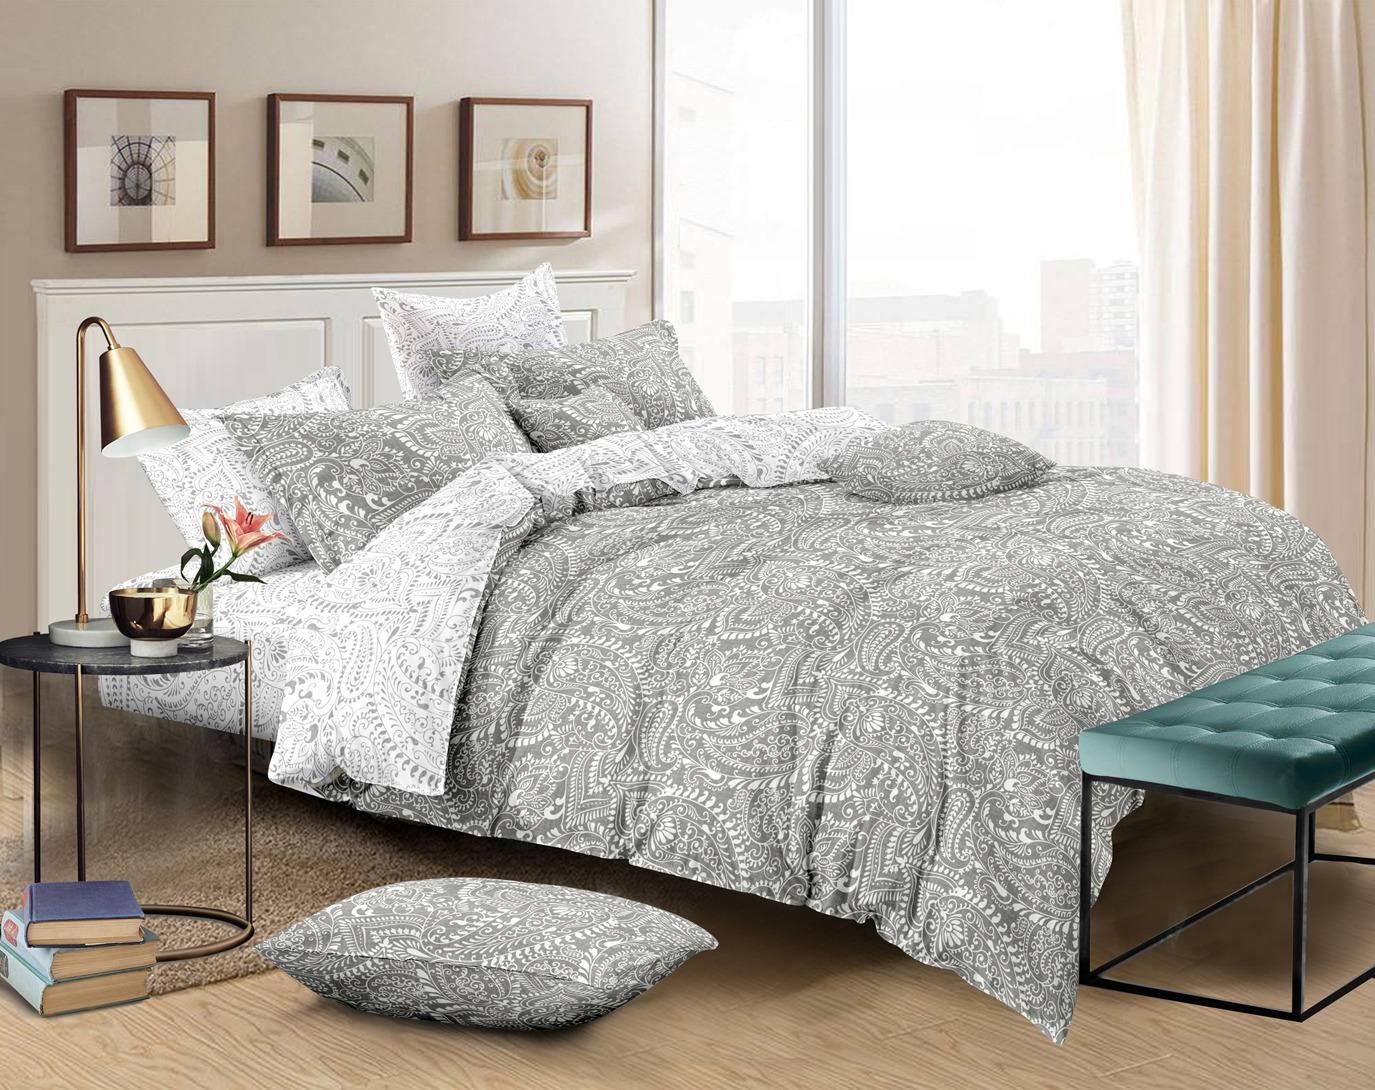 Фото - Комплект постельного белья Amore Mio Gold Amber, 7845, бежевый, 2-спальный, наволочки 70x70 постельное белье этель кружева комплект 2 спальный поплин 2670978